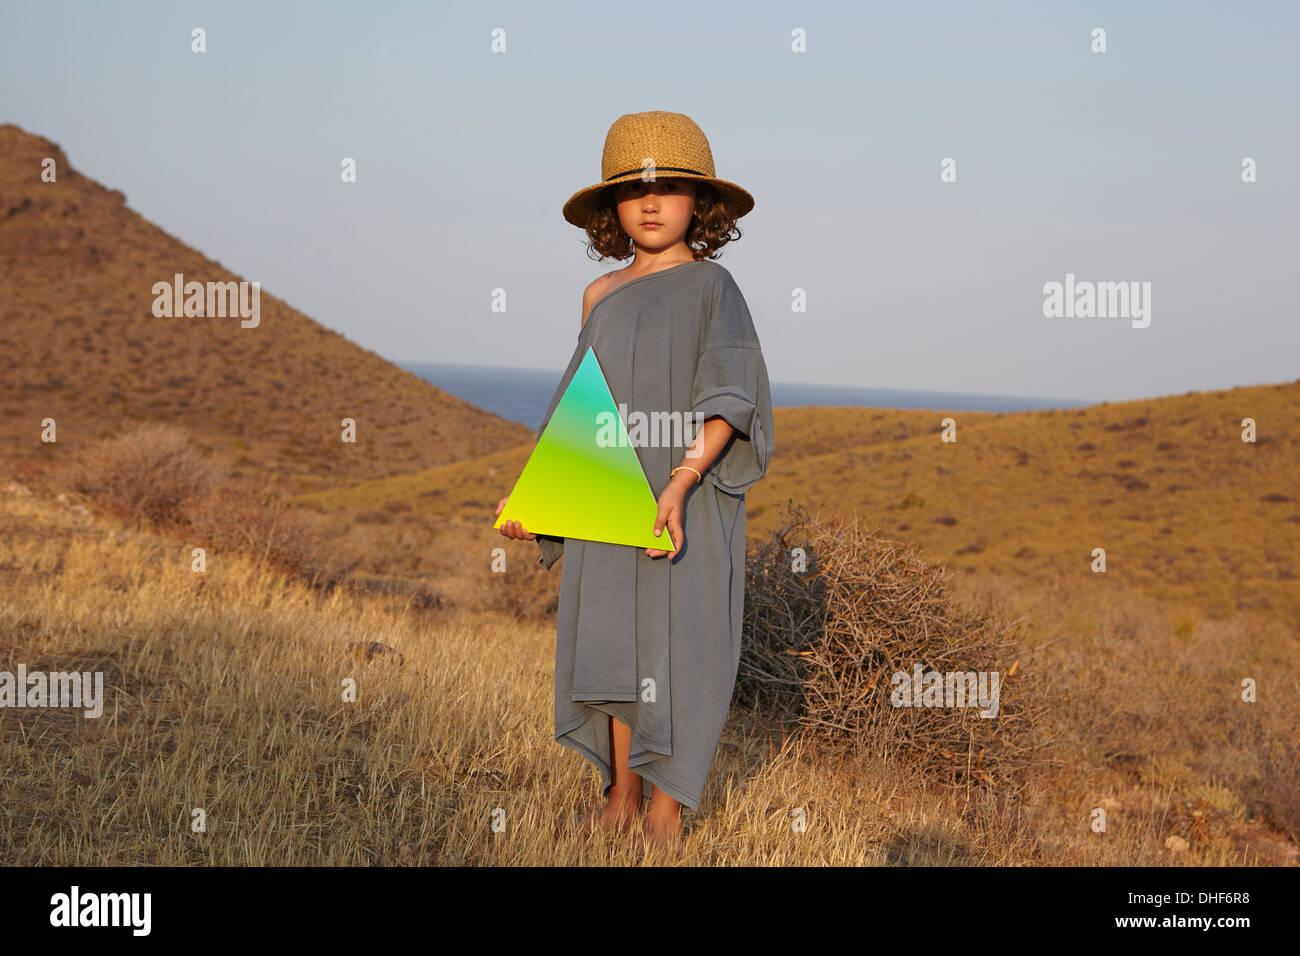 Retrato de Chica sujetando de forma triangular en el campo Imagen De Stock